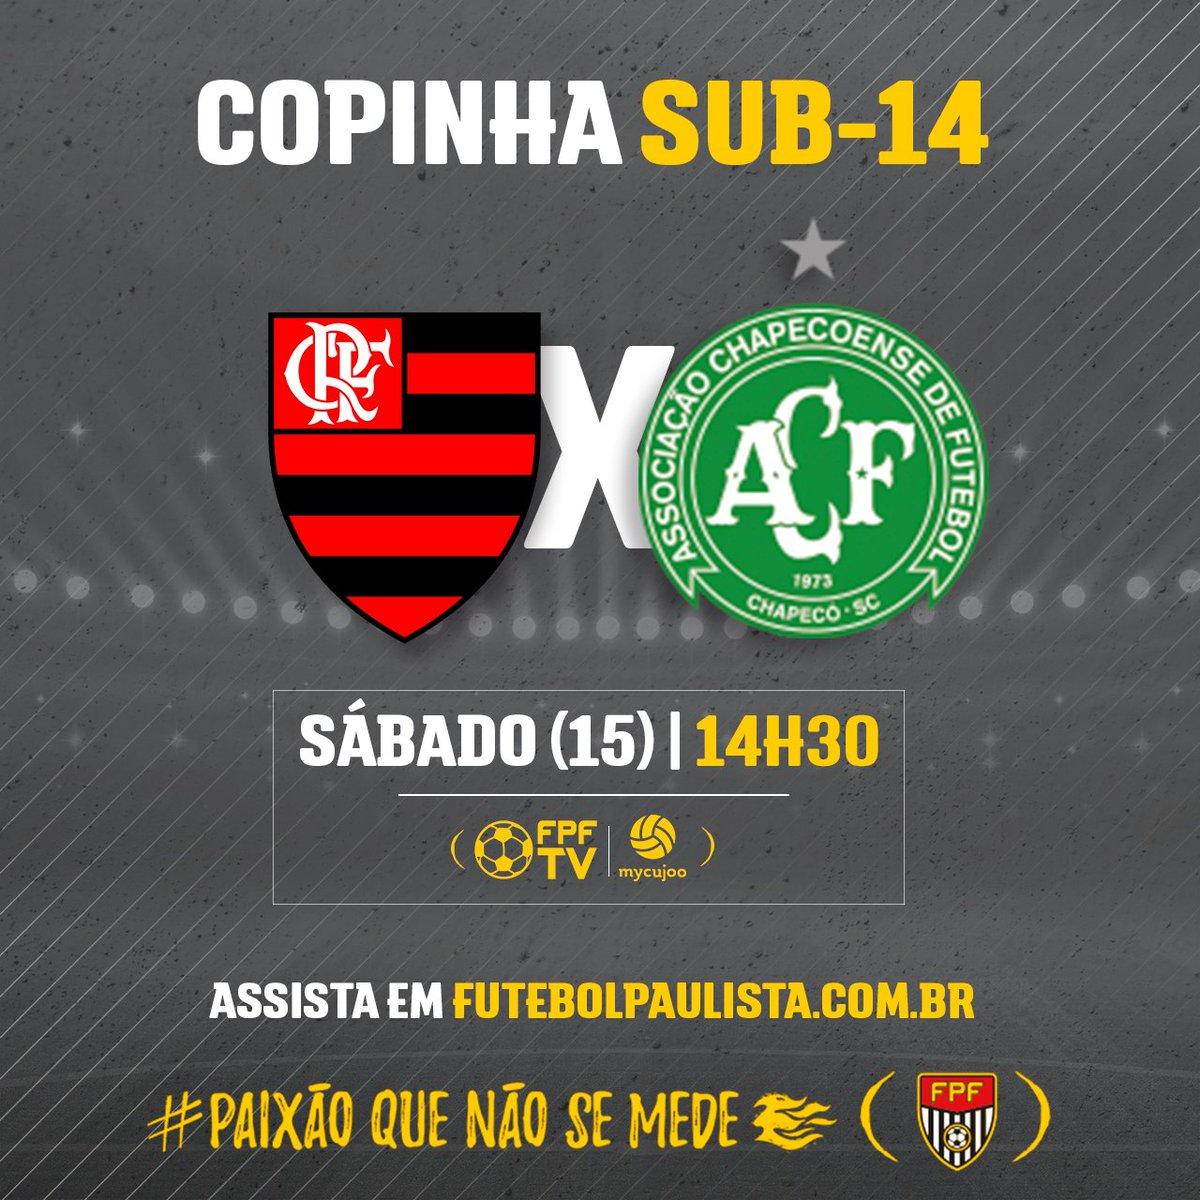 FUTEBOL AO VIVO! Flamengo e Chapecoense medem forças neste sábado (15), em jogo da Copinha Sub-14. Acompanhe a partida. Link do jogo 👉https://t.co/uUQZiSgstt #PaixãoQueNãoSeMede #FPF #FutebolPaulista #EsseÉoMeuJogo